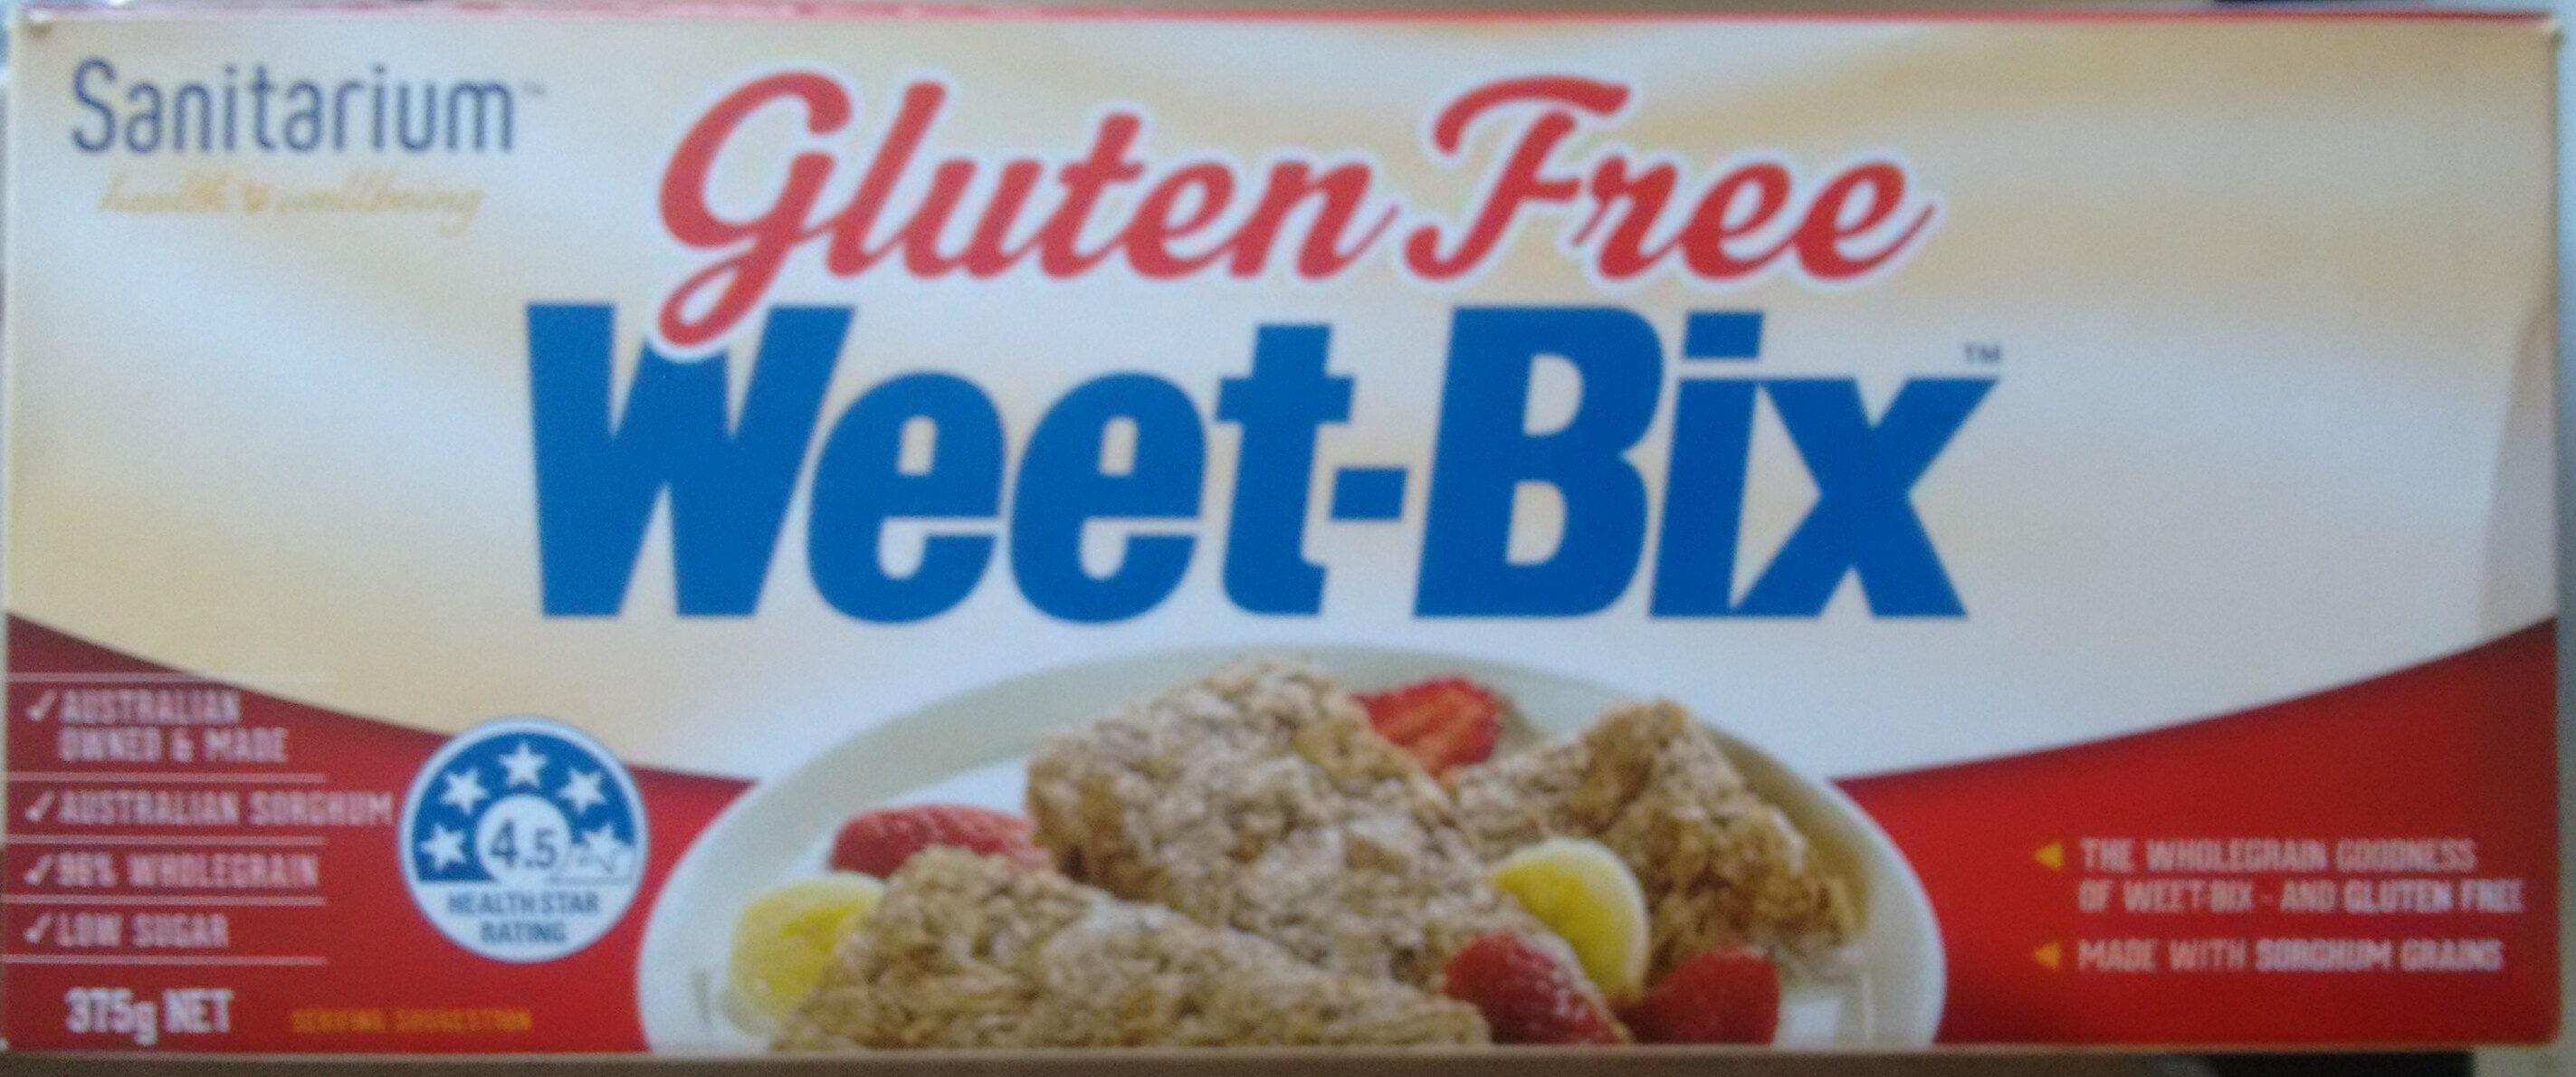 Gluten Free Weet-Bix - Product - en